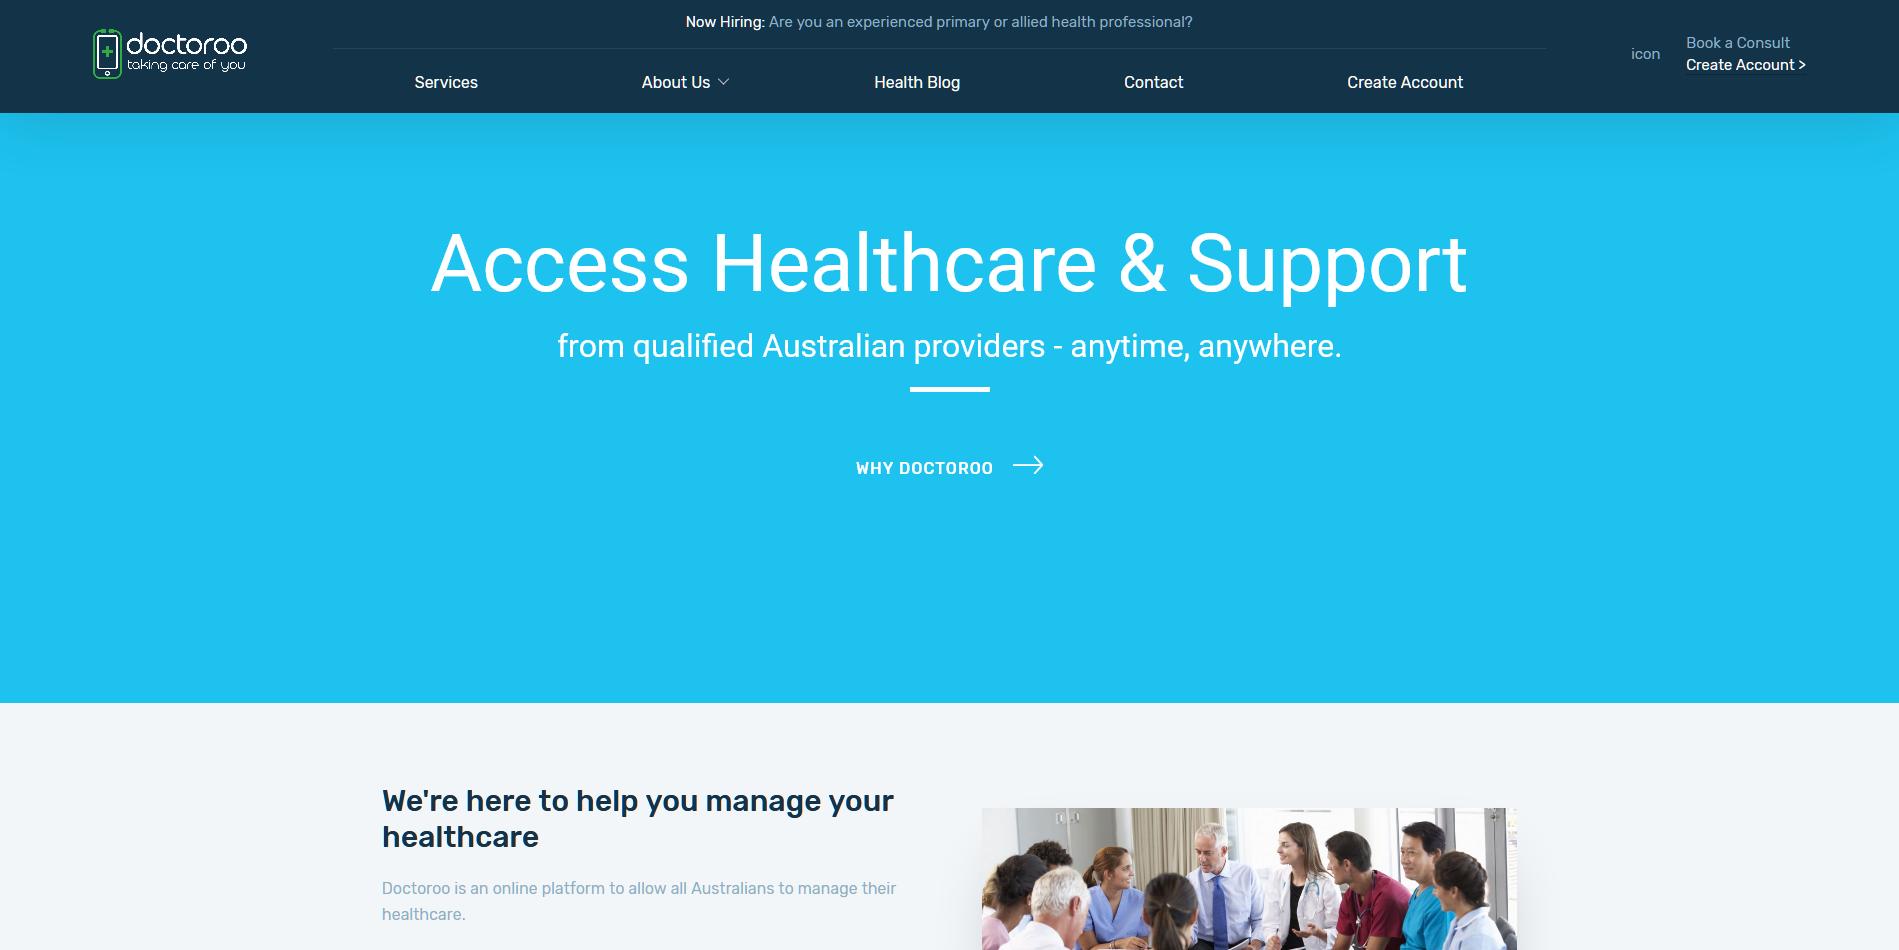 Doctoroo.com.au